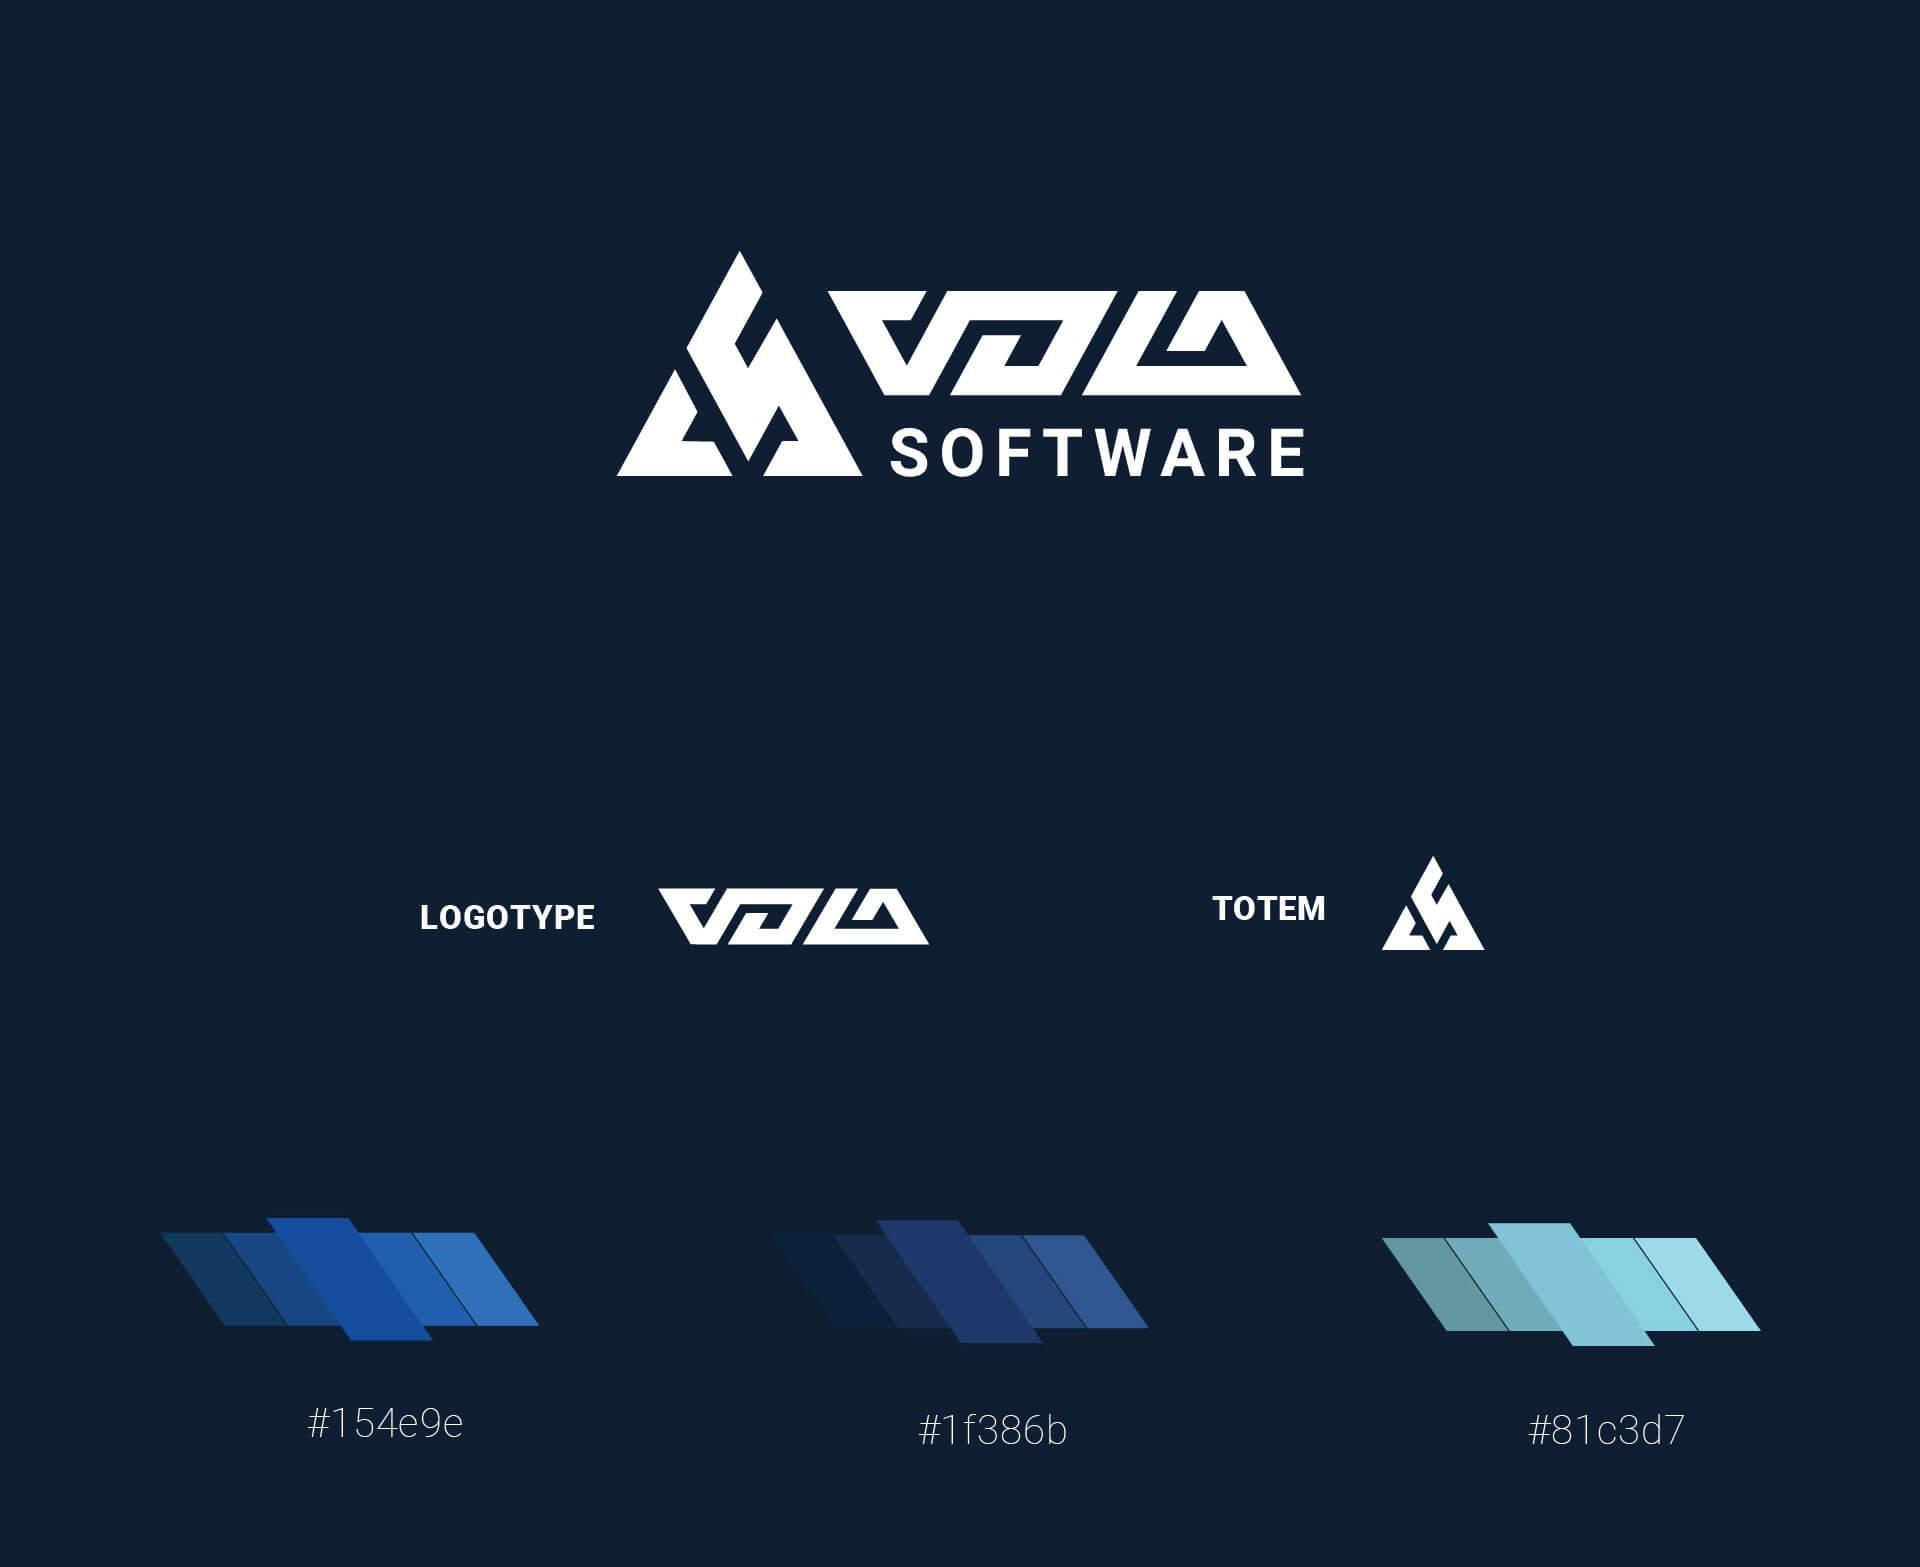 vola-eyas-presentation-1